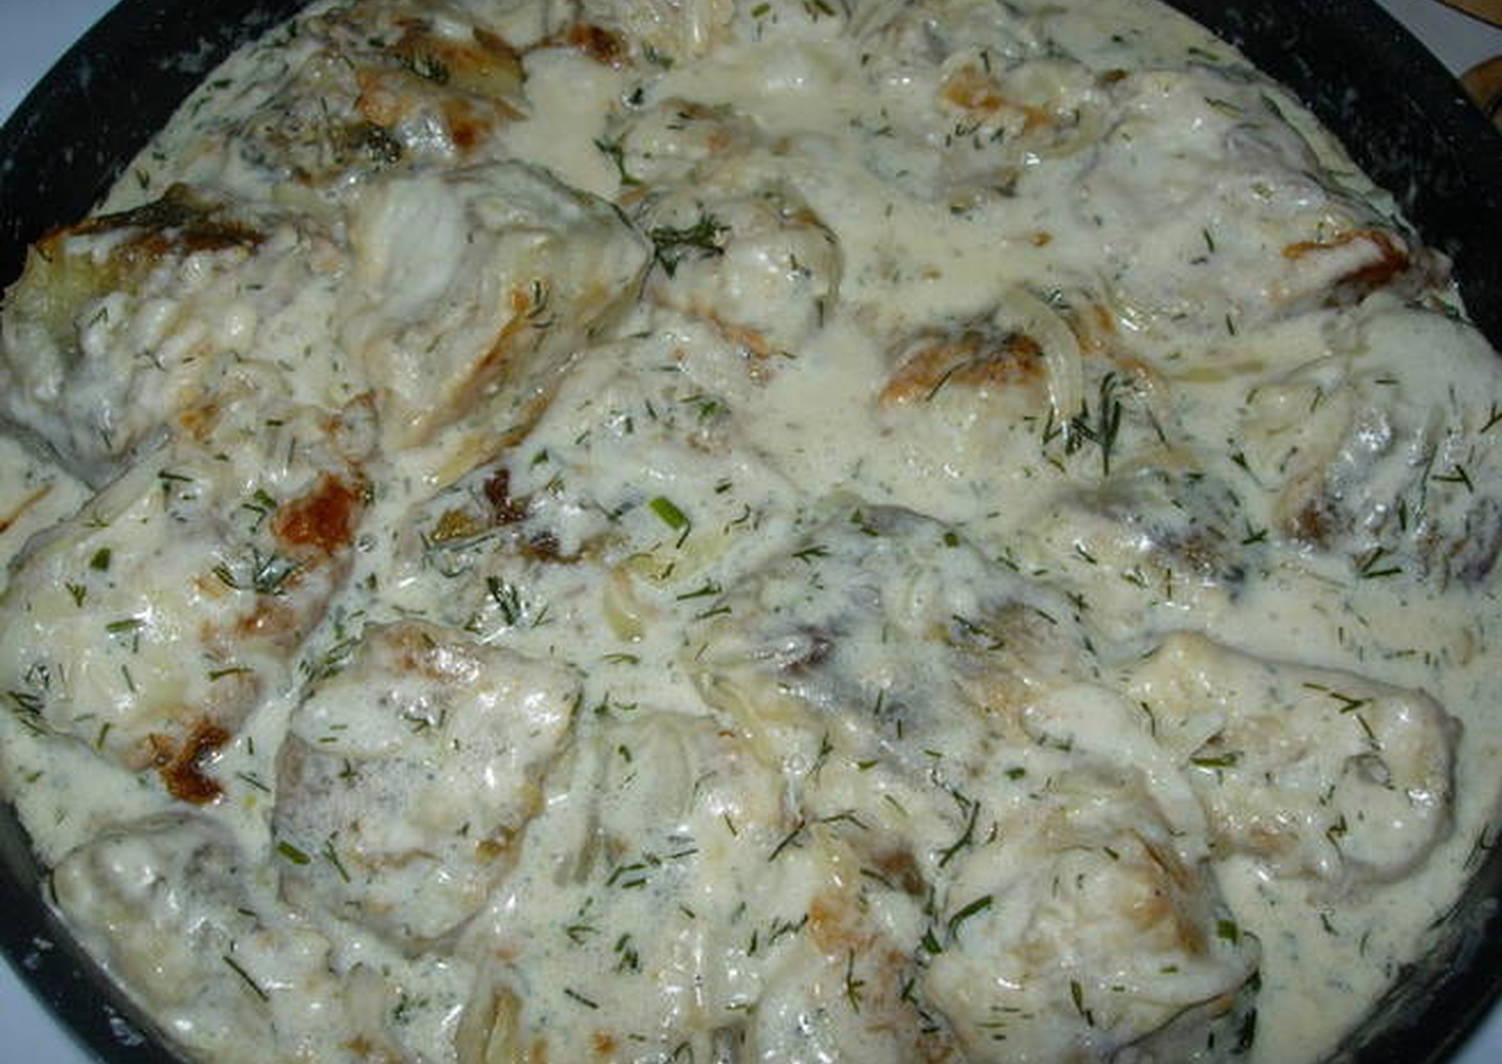 многократно обращалась рыба в сметане на сковороде рецепт с фото нет ничего